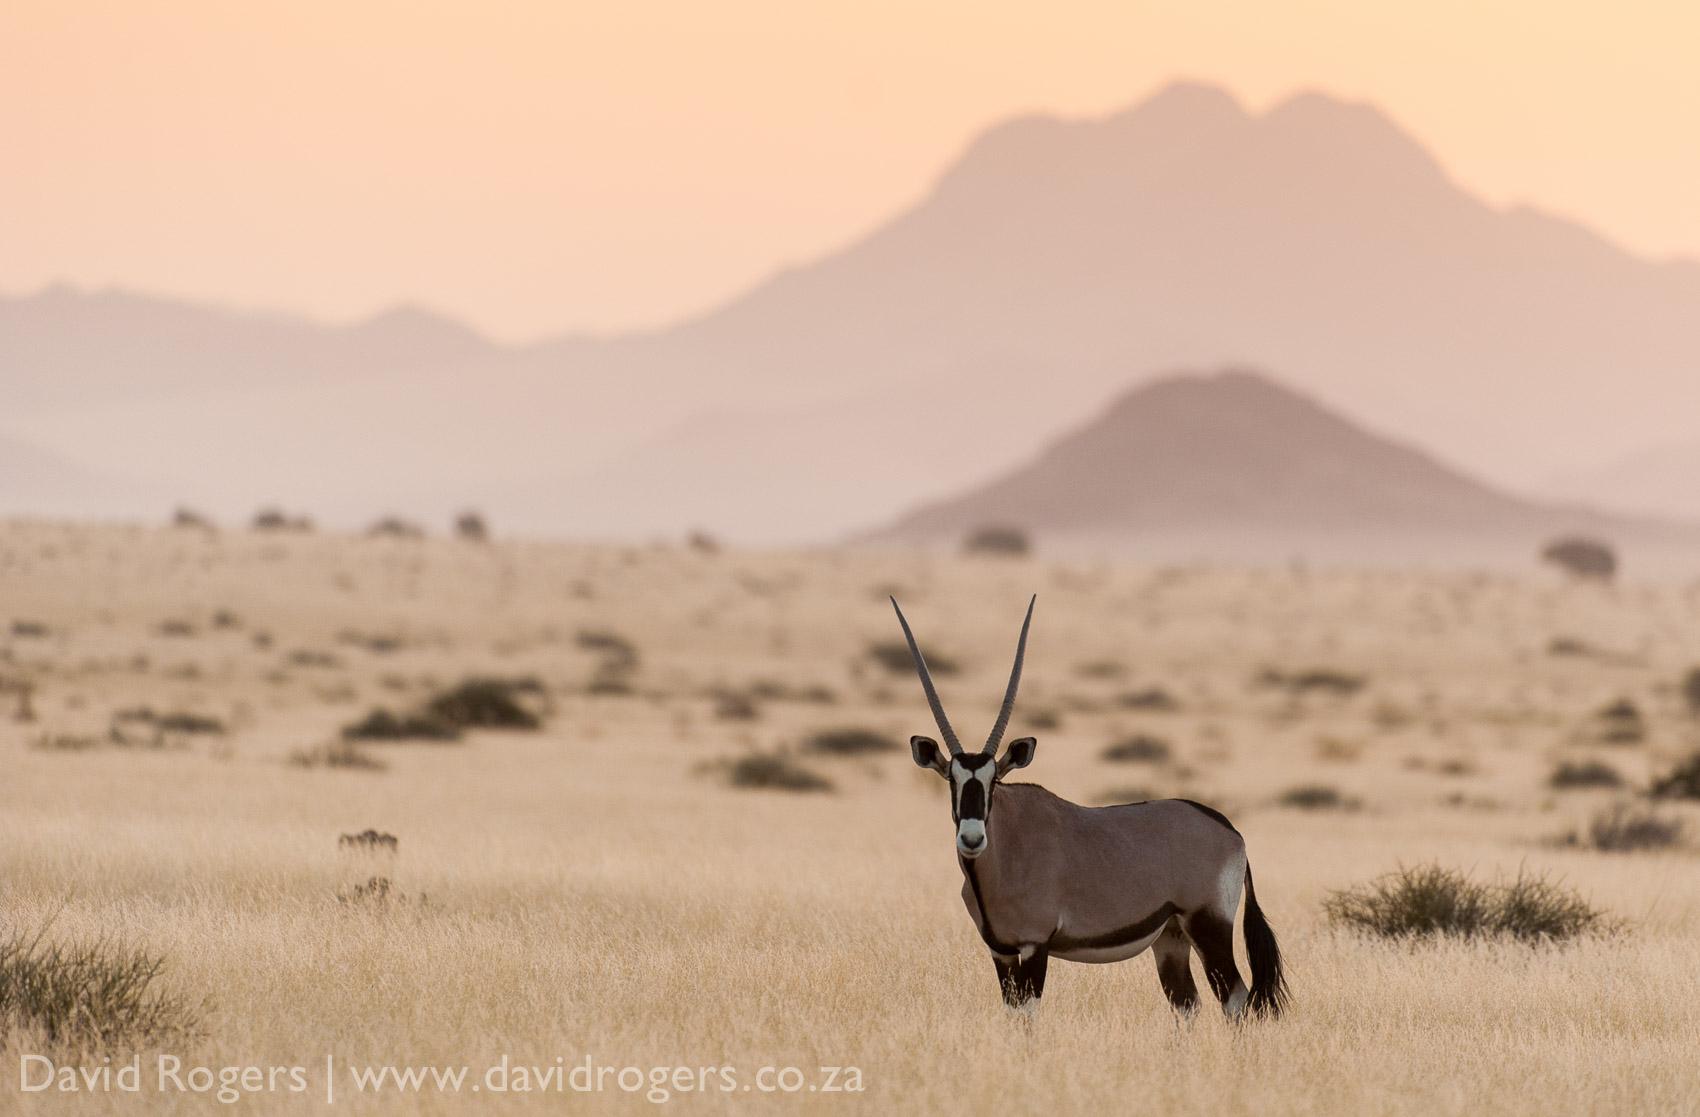 201211_Namibia_759